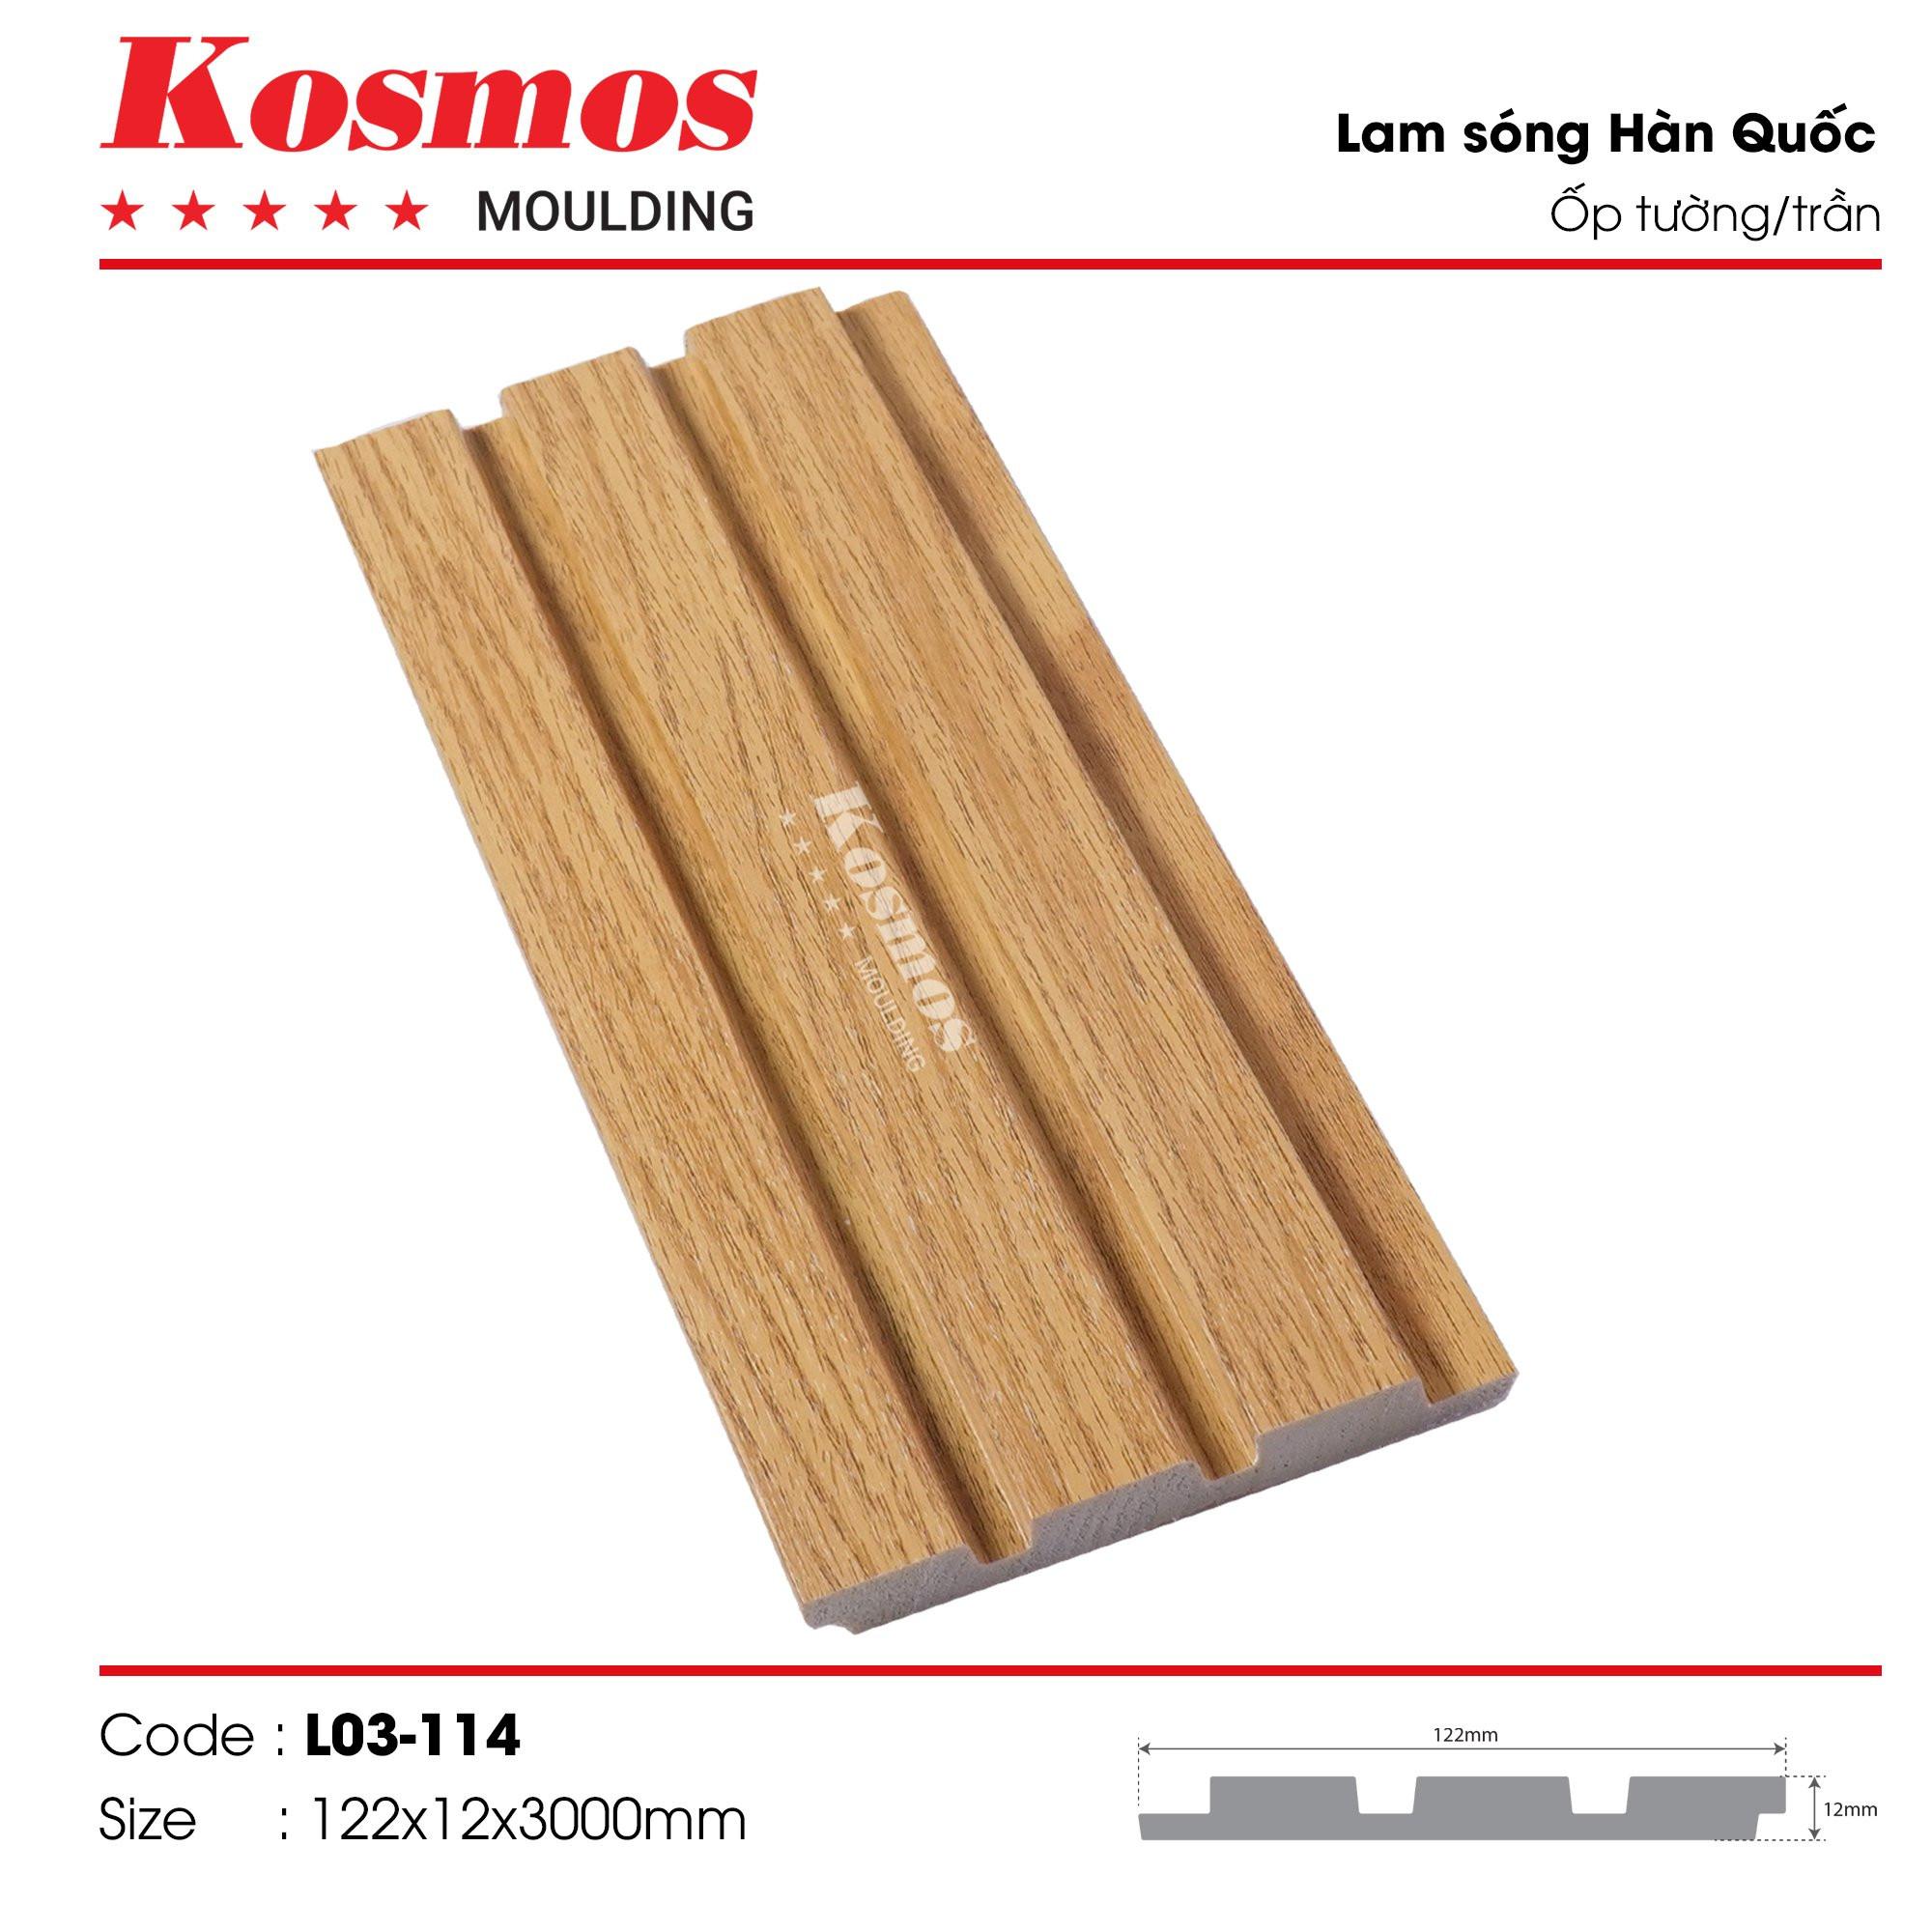 LAM SÓNG KOSMOS MOULDING LO3-114